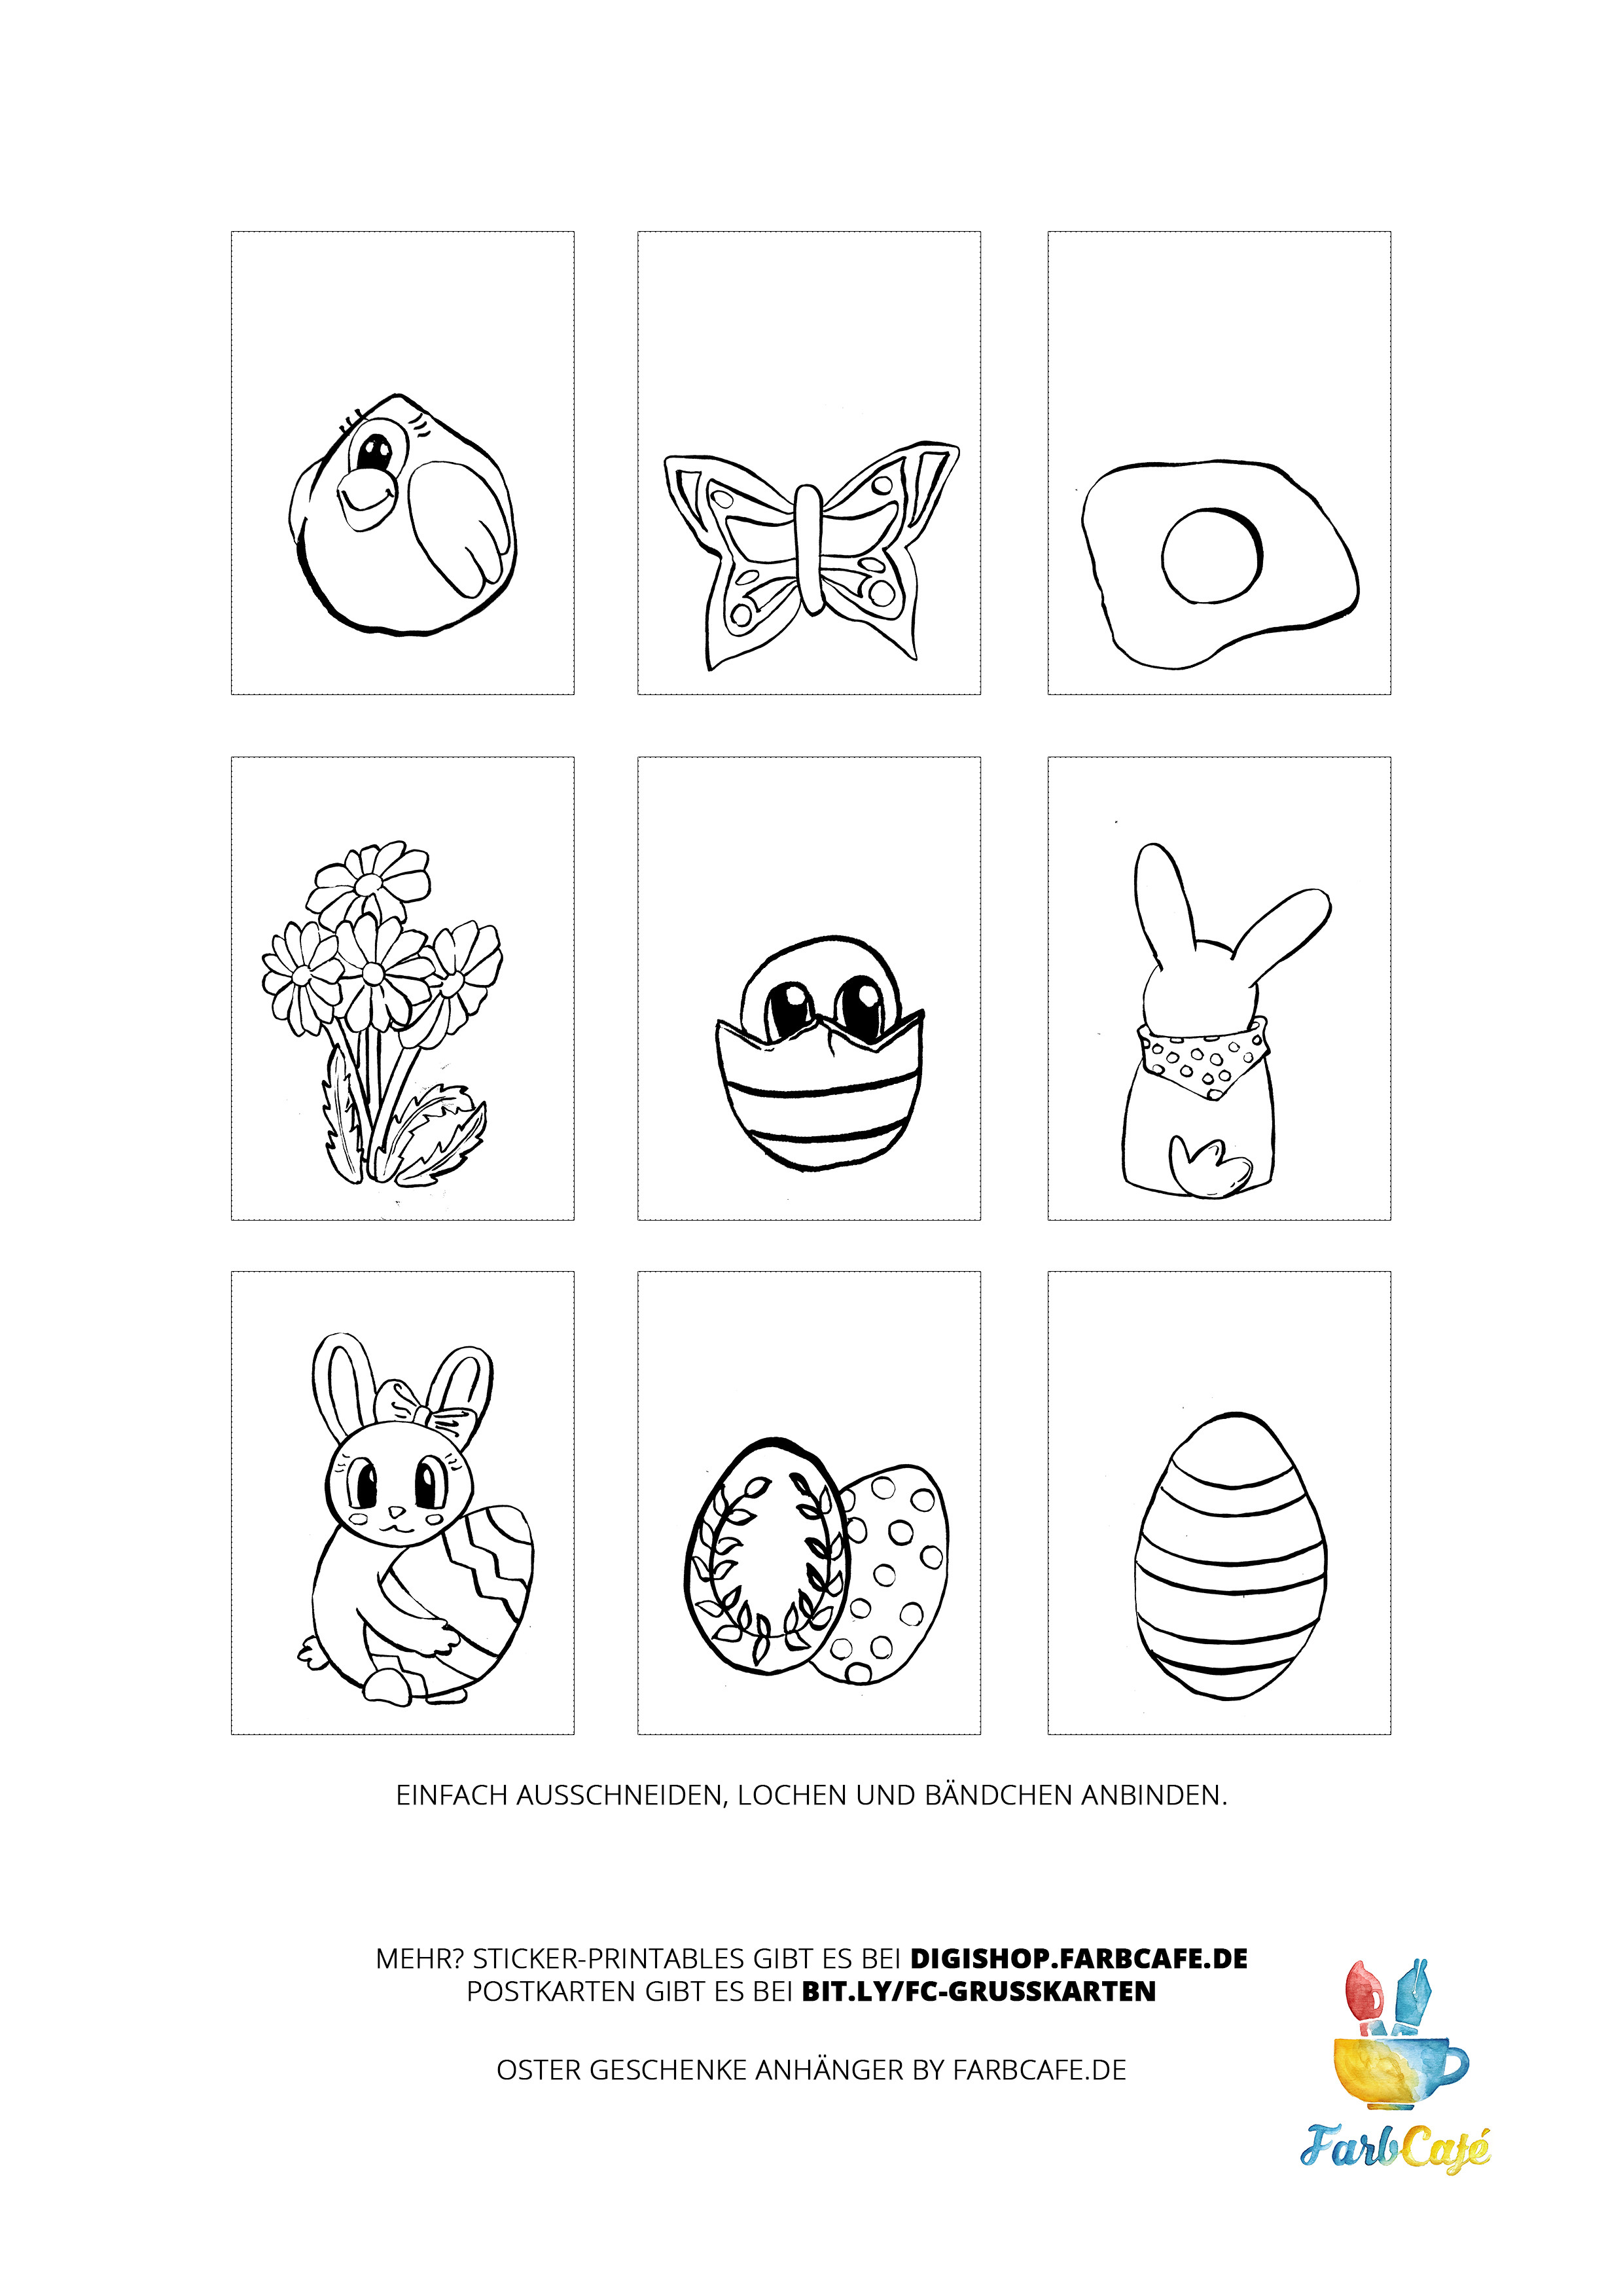 Ostern geschenke wann gibts